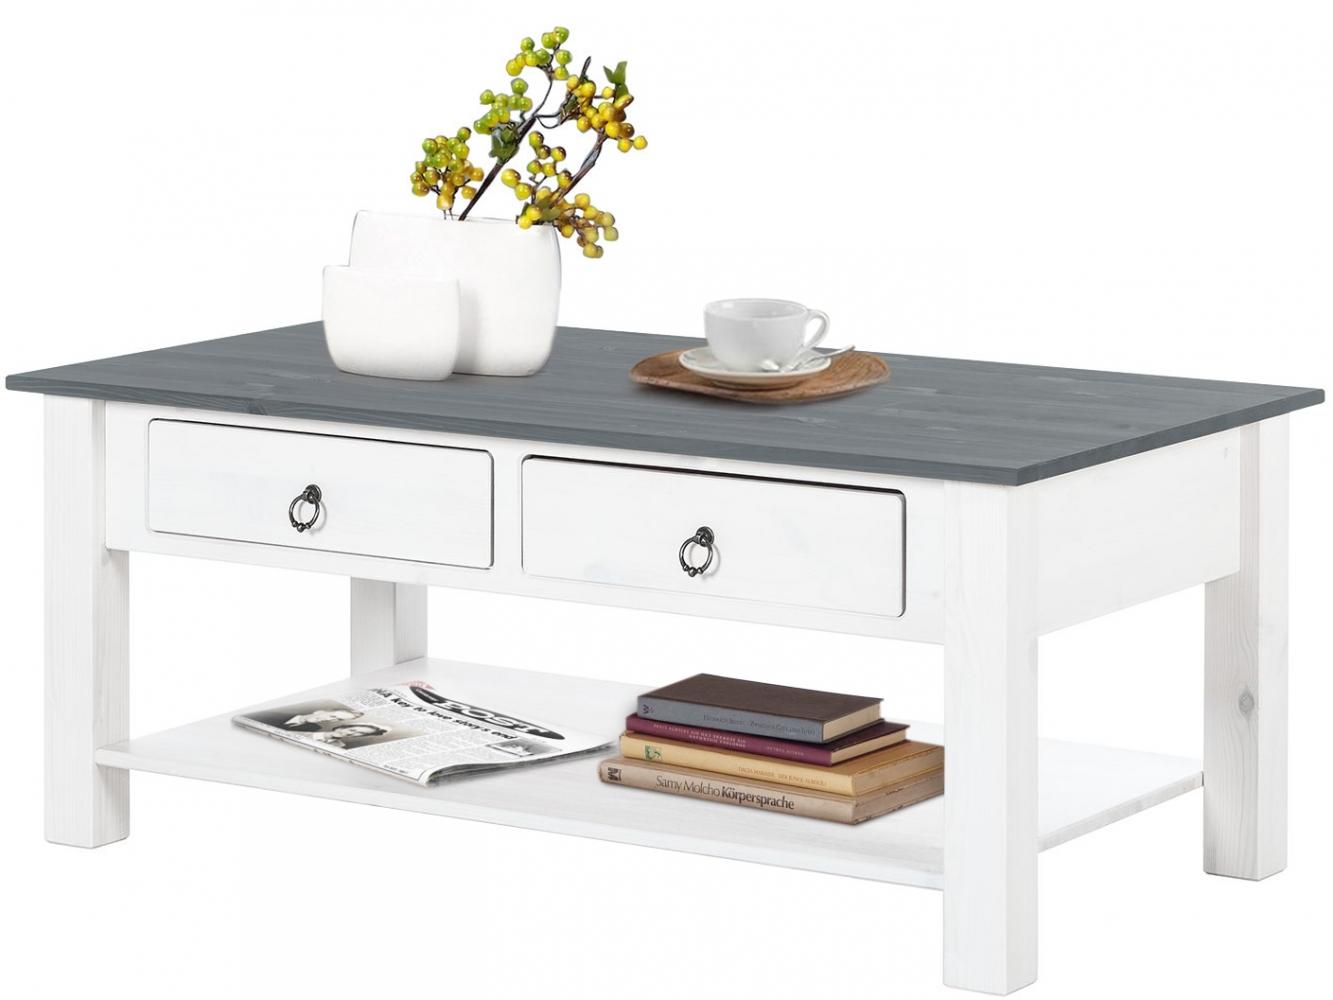 Konferenční stolek Inge, 110 cm, šedá